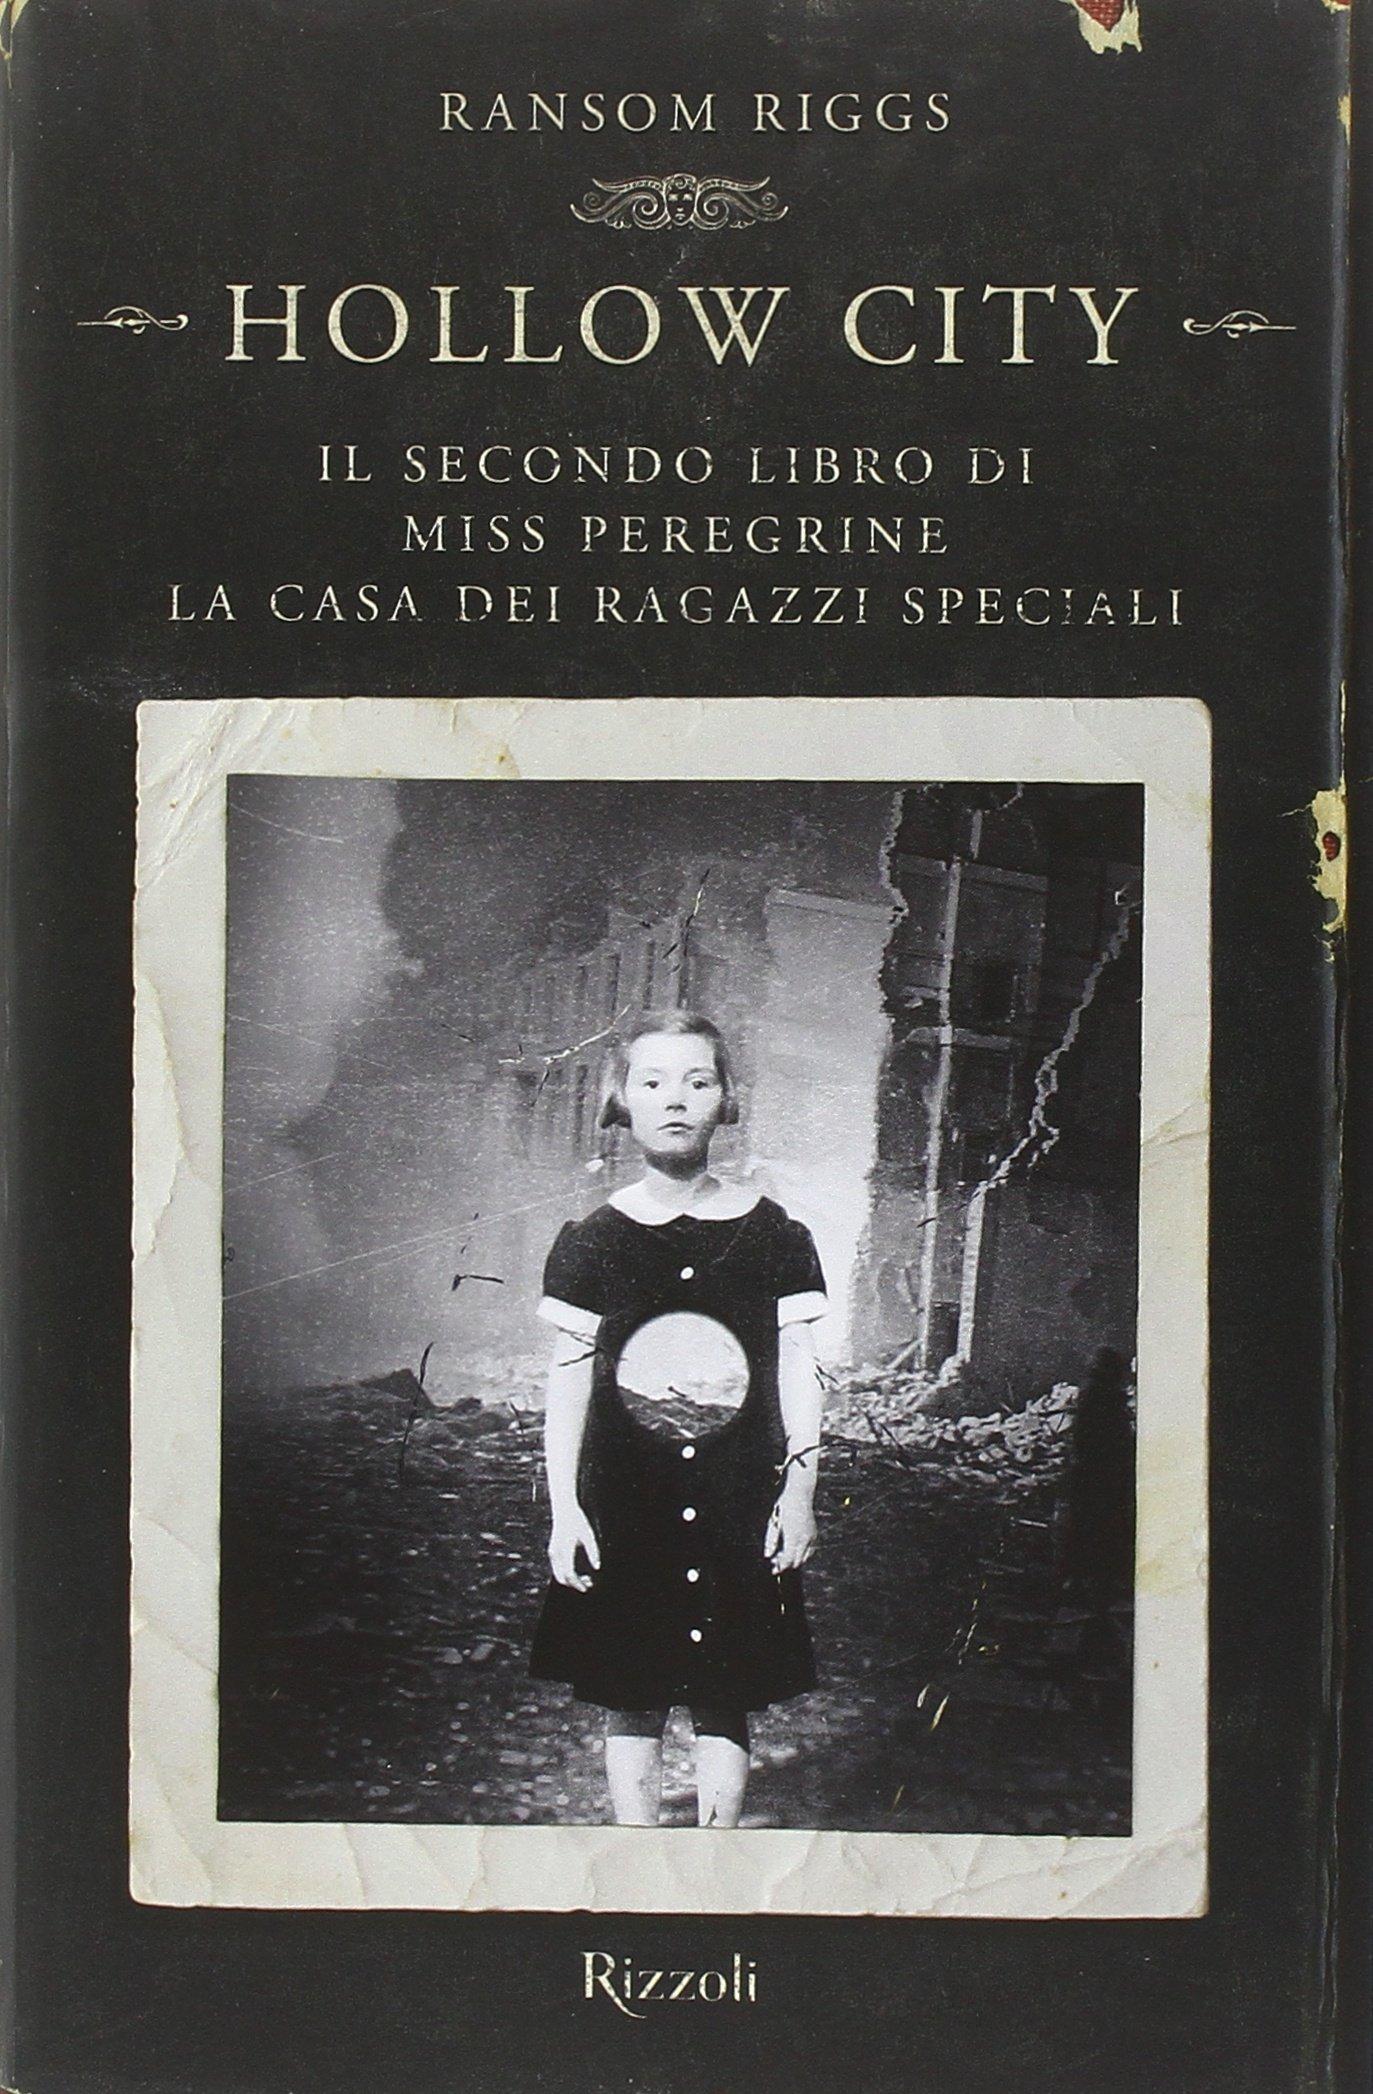 Hollow City. Il secondo libro di Miss Peregrine. La casa dei ragazzi speciali Copertina rigida – 30 giu 2016 Ransom Riggs A. Di Meo Rizzoli 8817090026